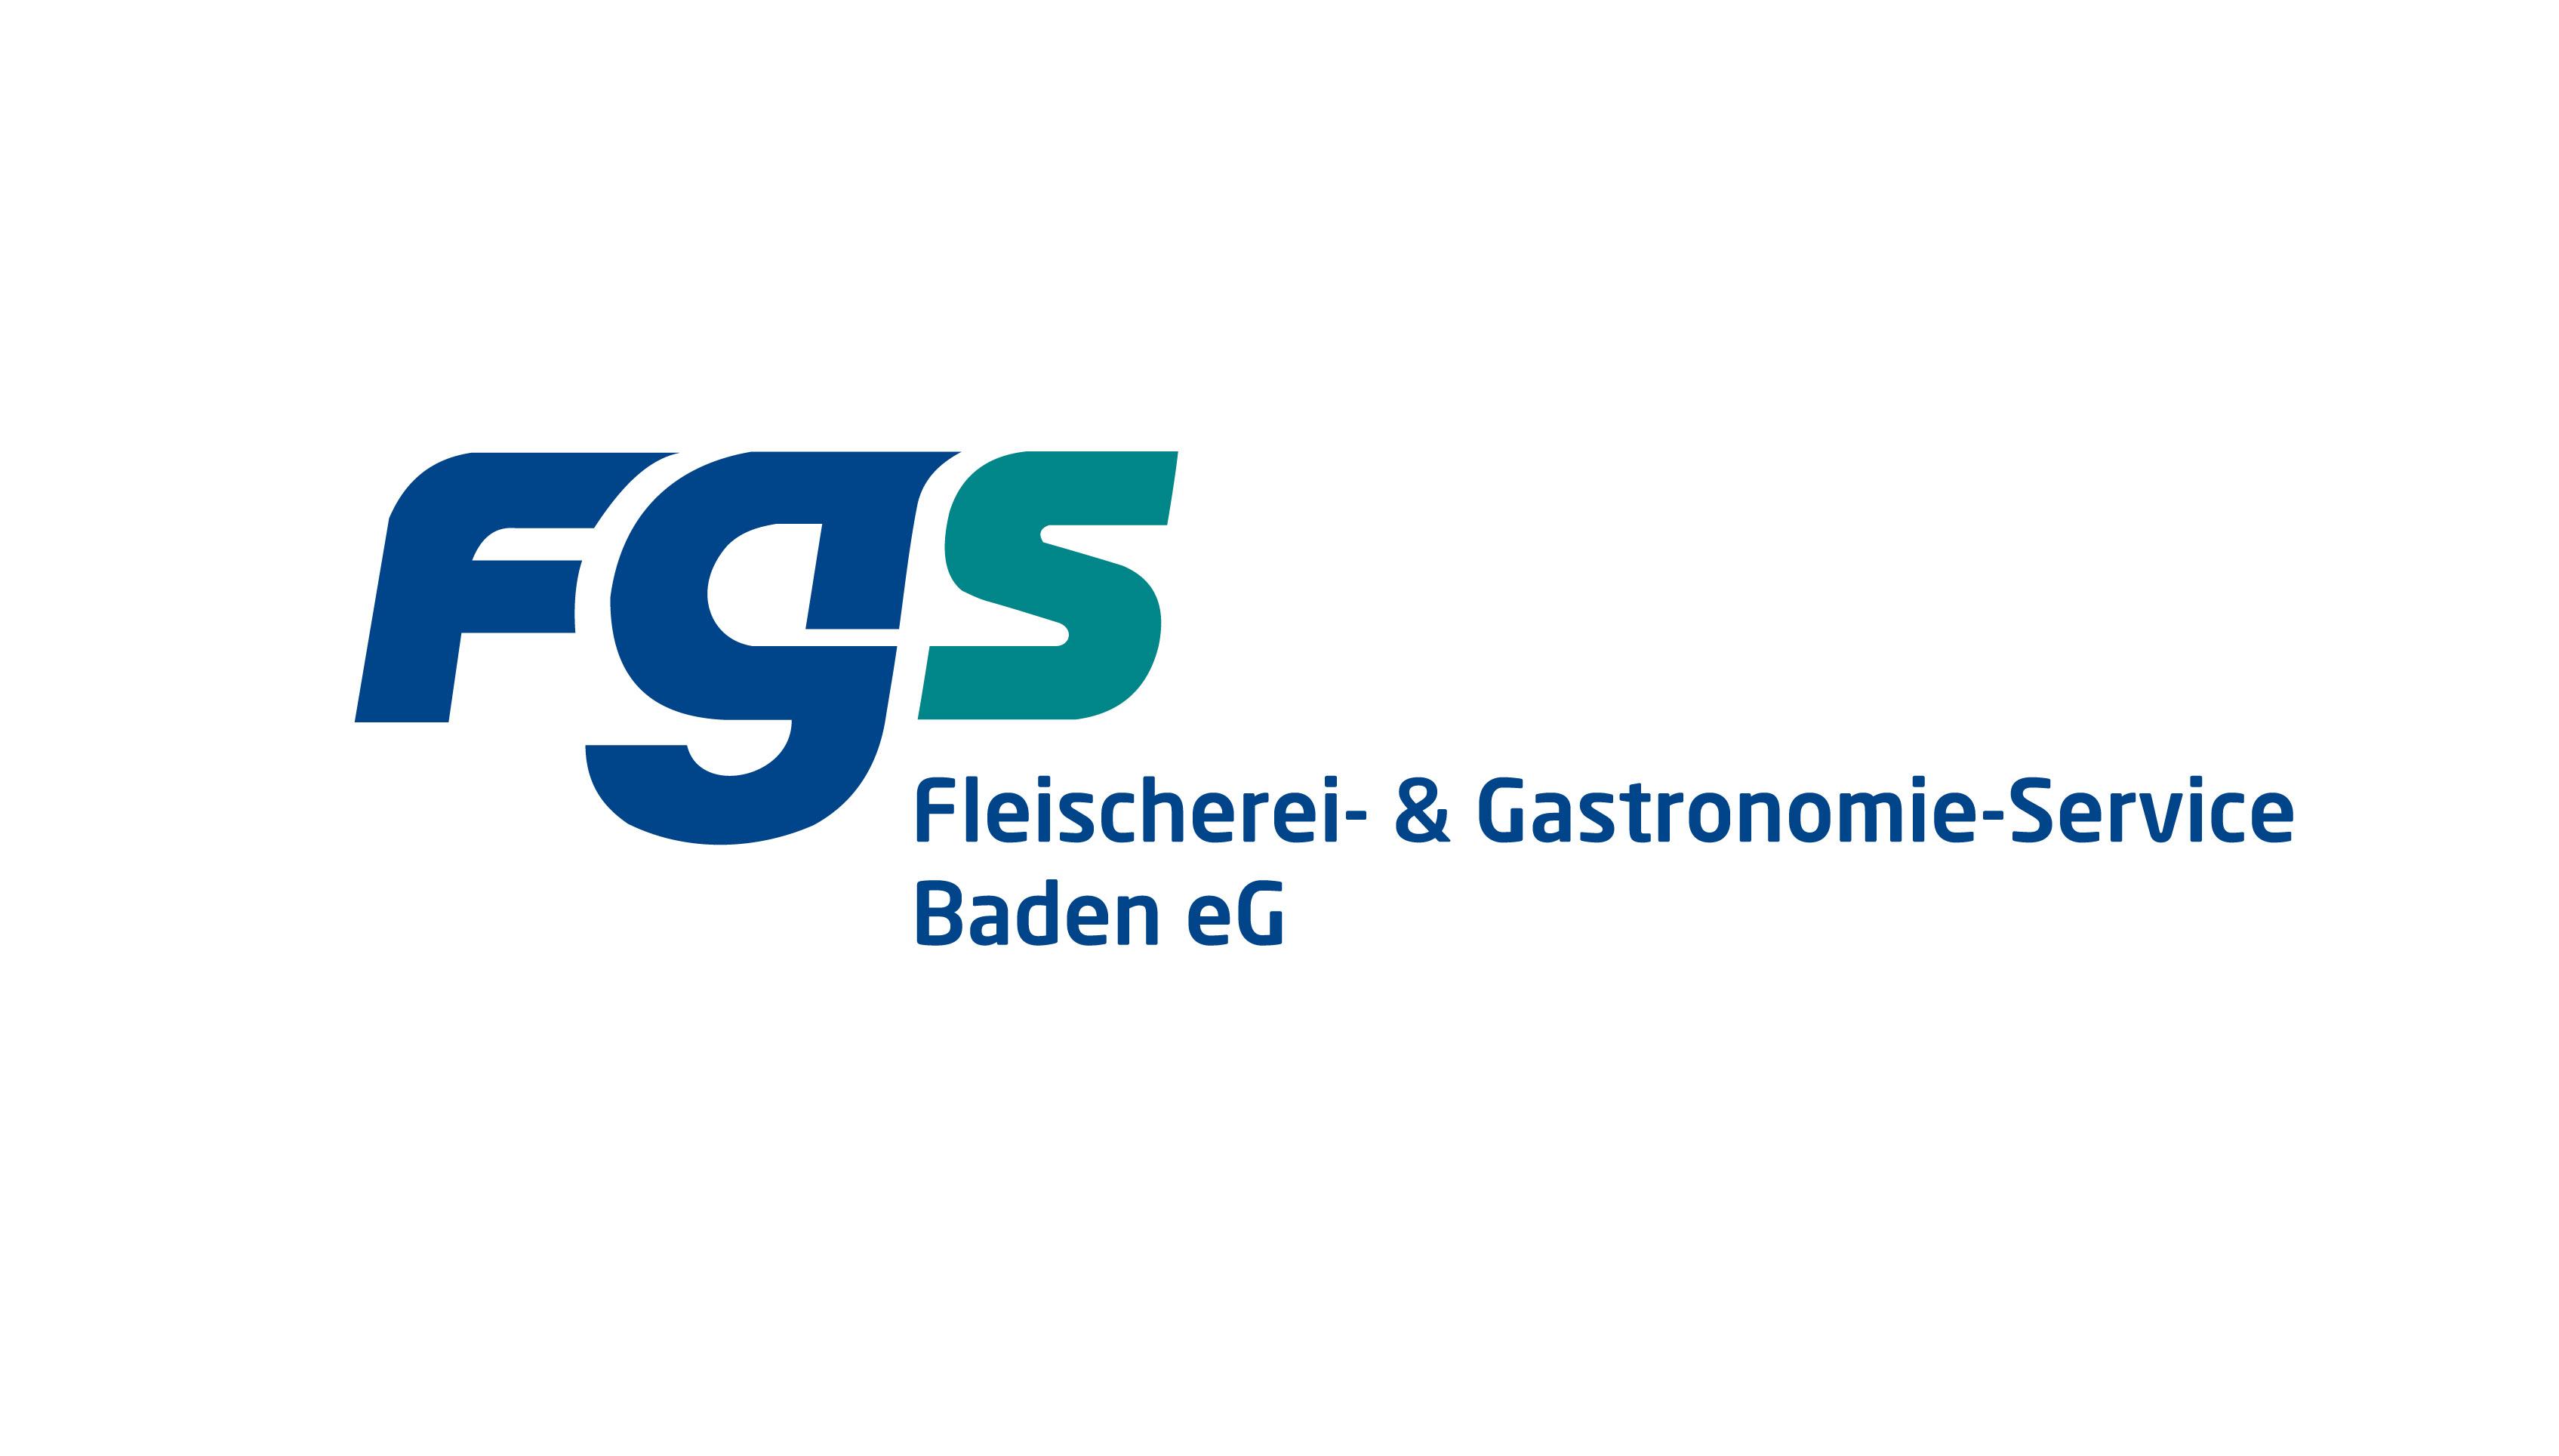 FGS logo_fgs_baden-neu